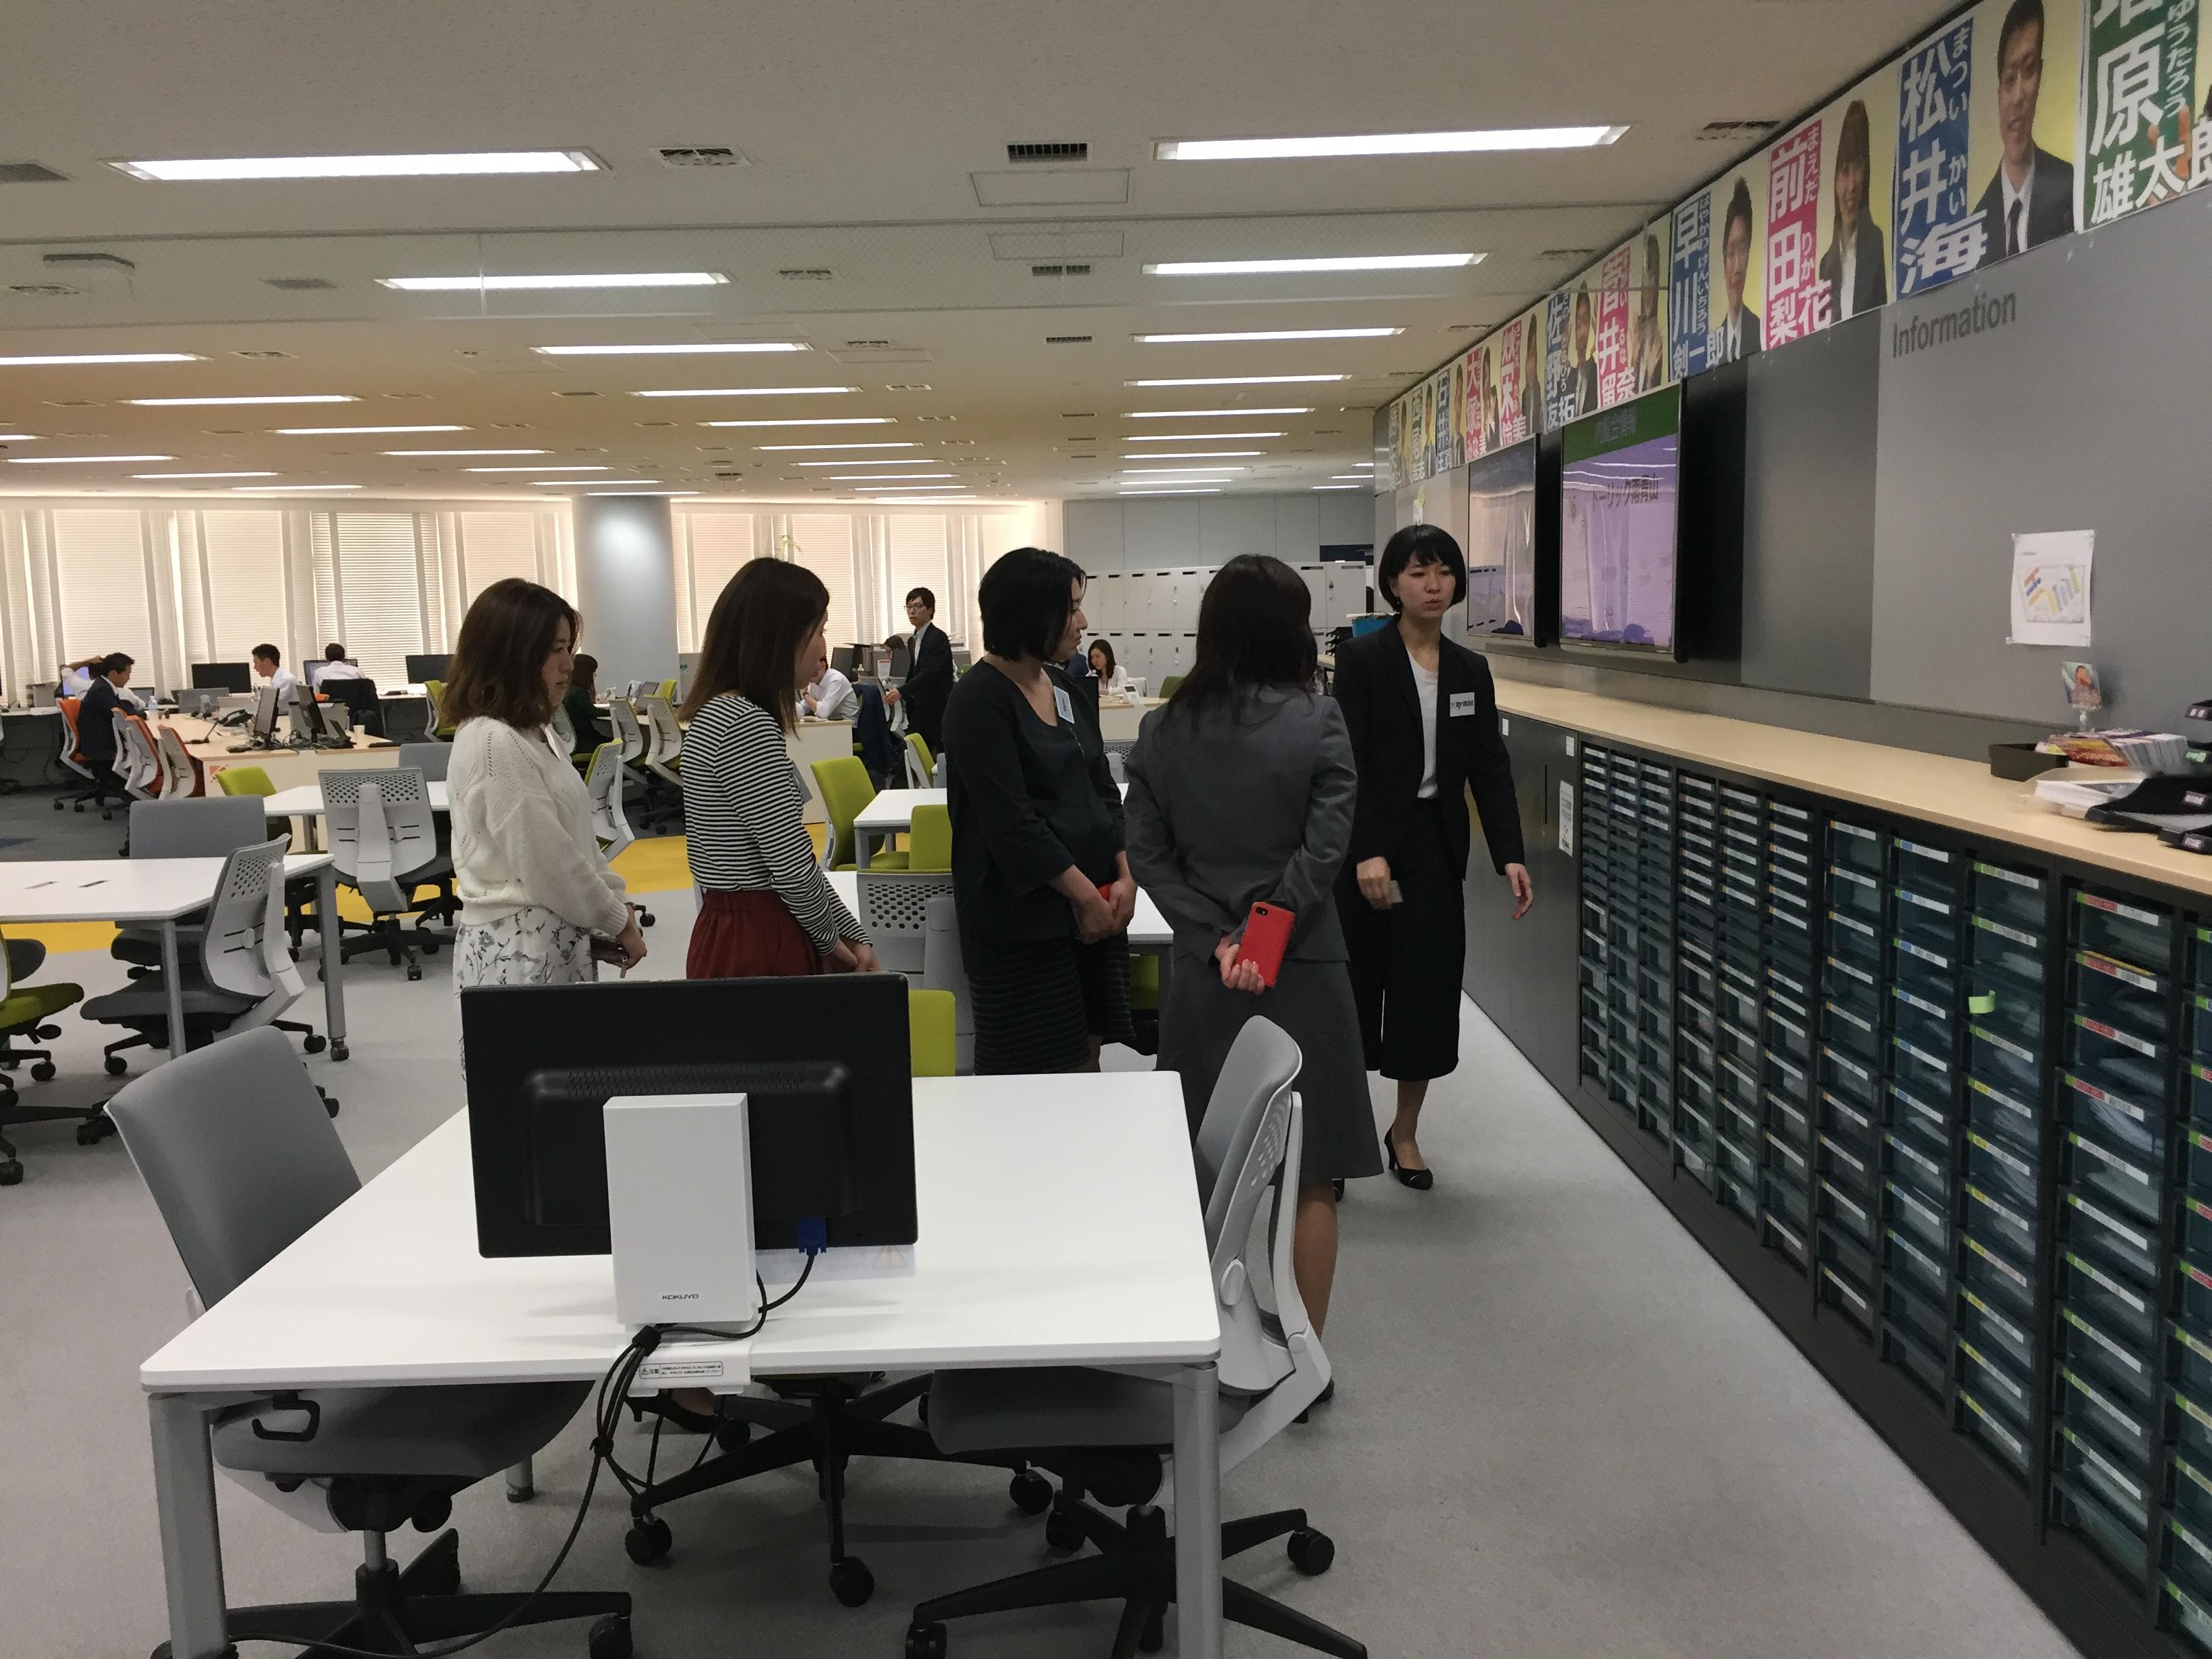 ザイマックスインフォニスタのオフィス『Tri-UP』見学会 (2)